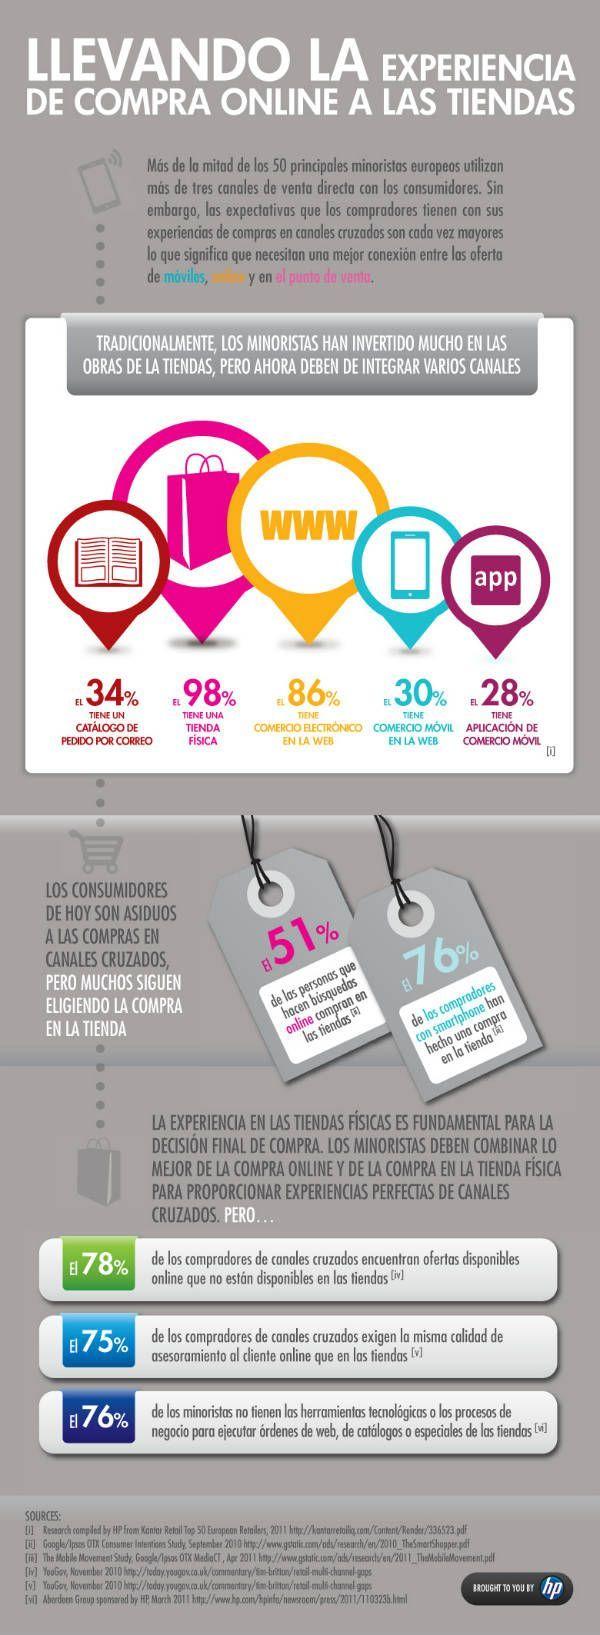 infografia_retail